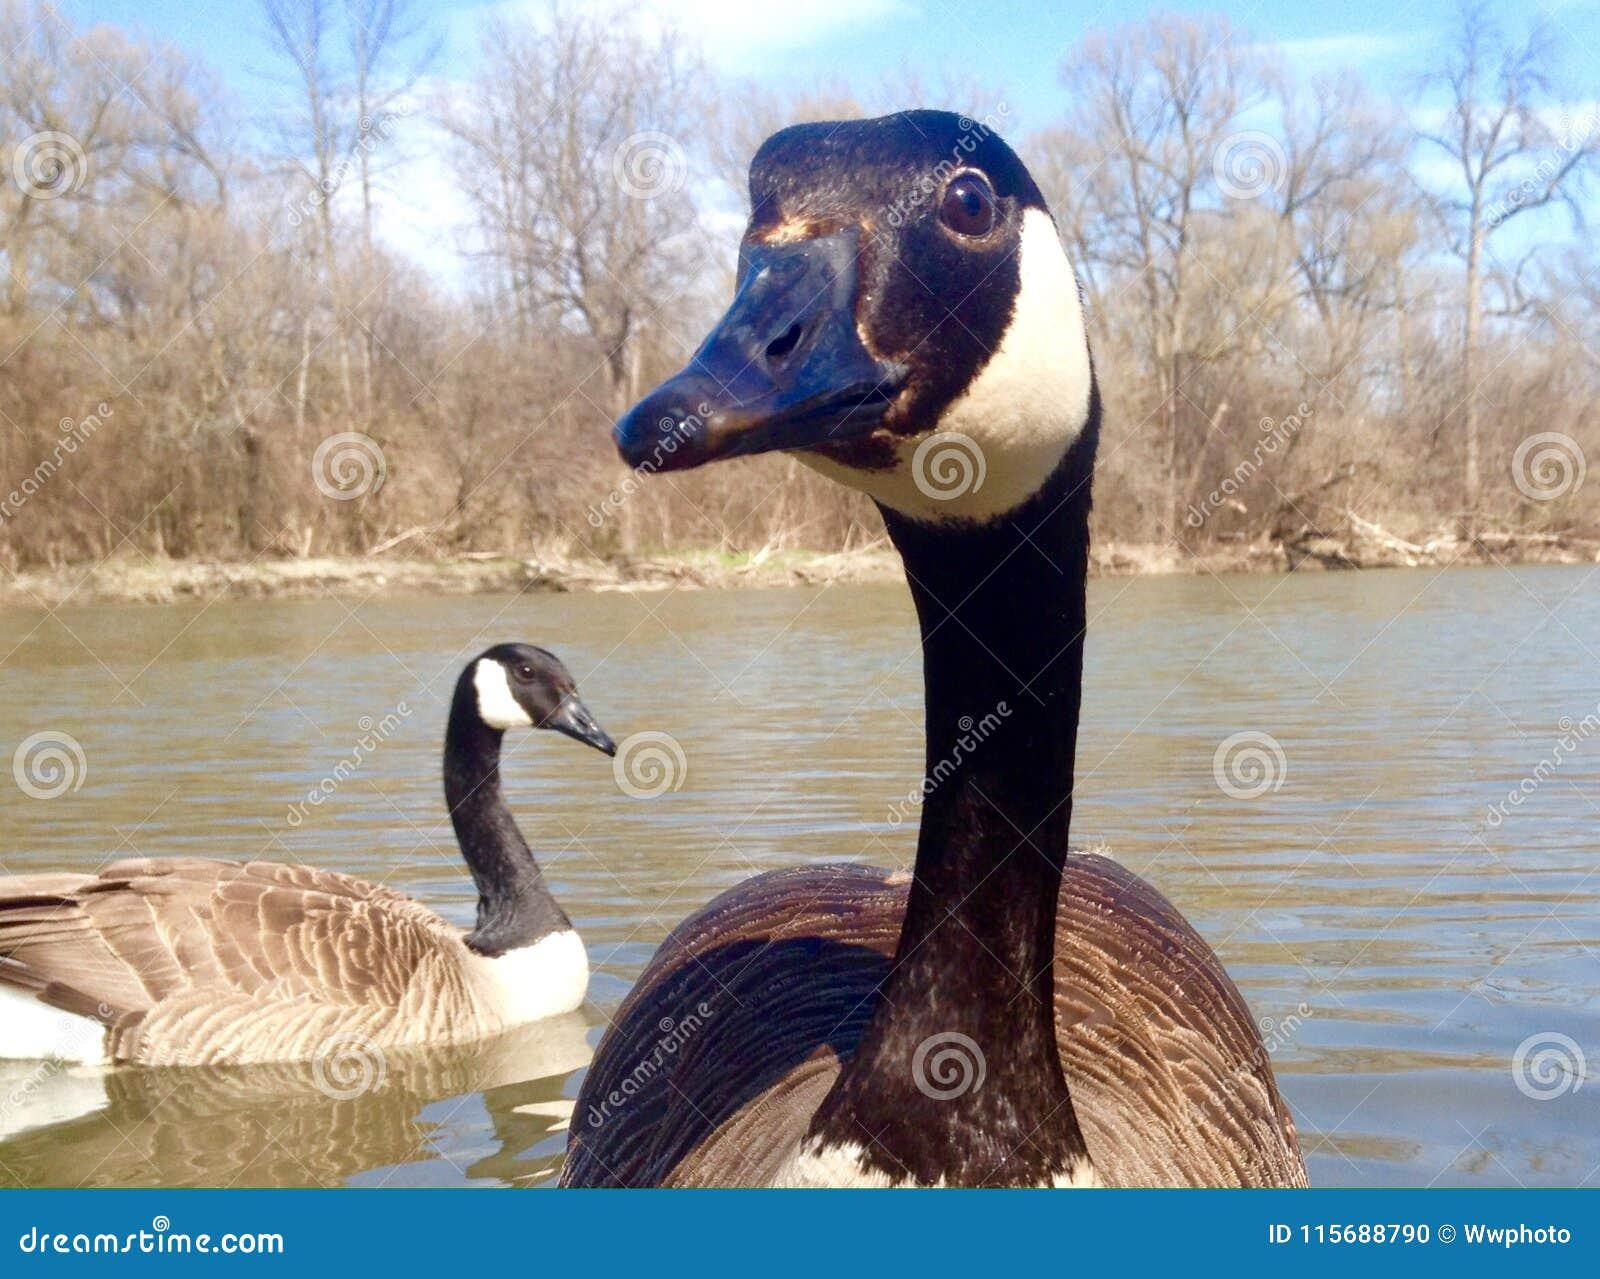 Canadian goose close-up